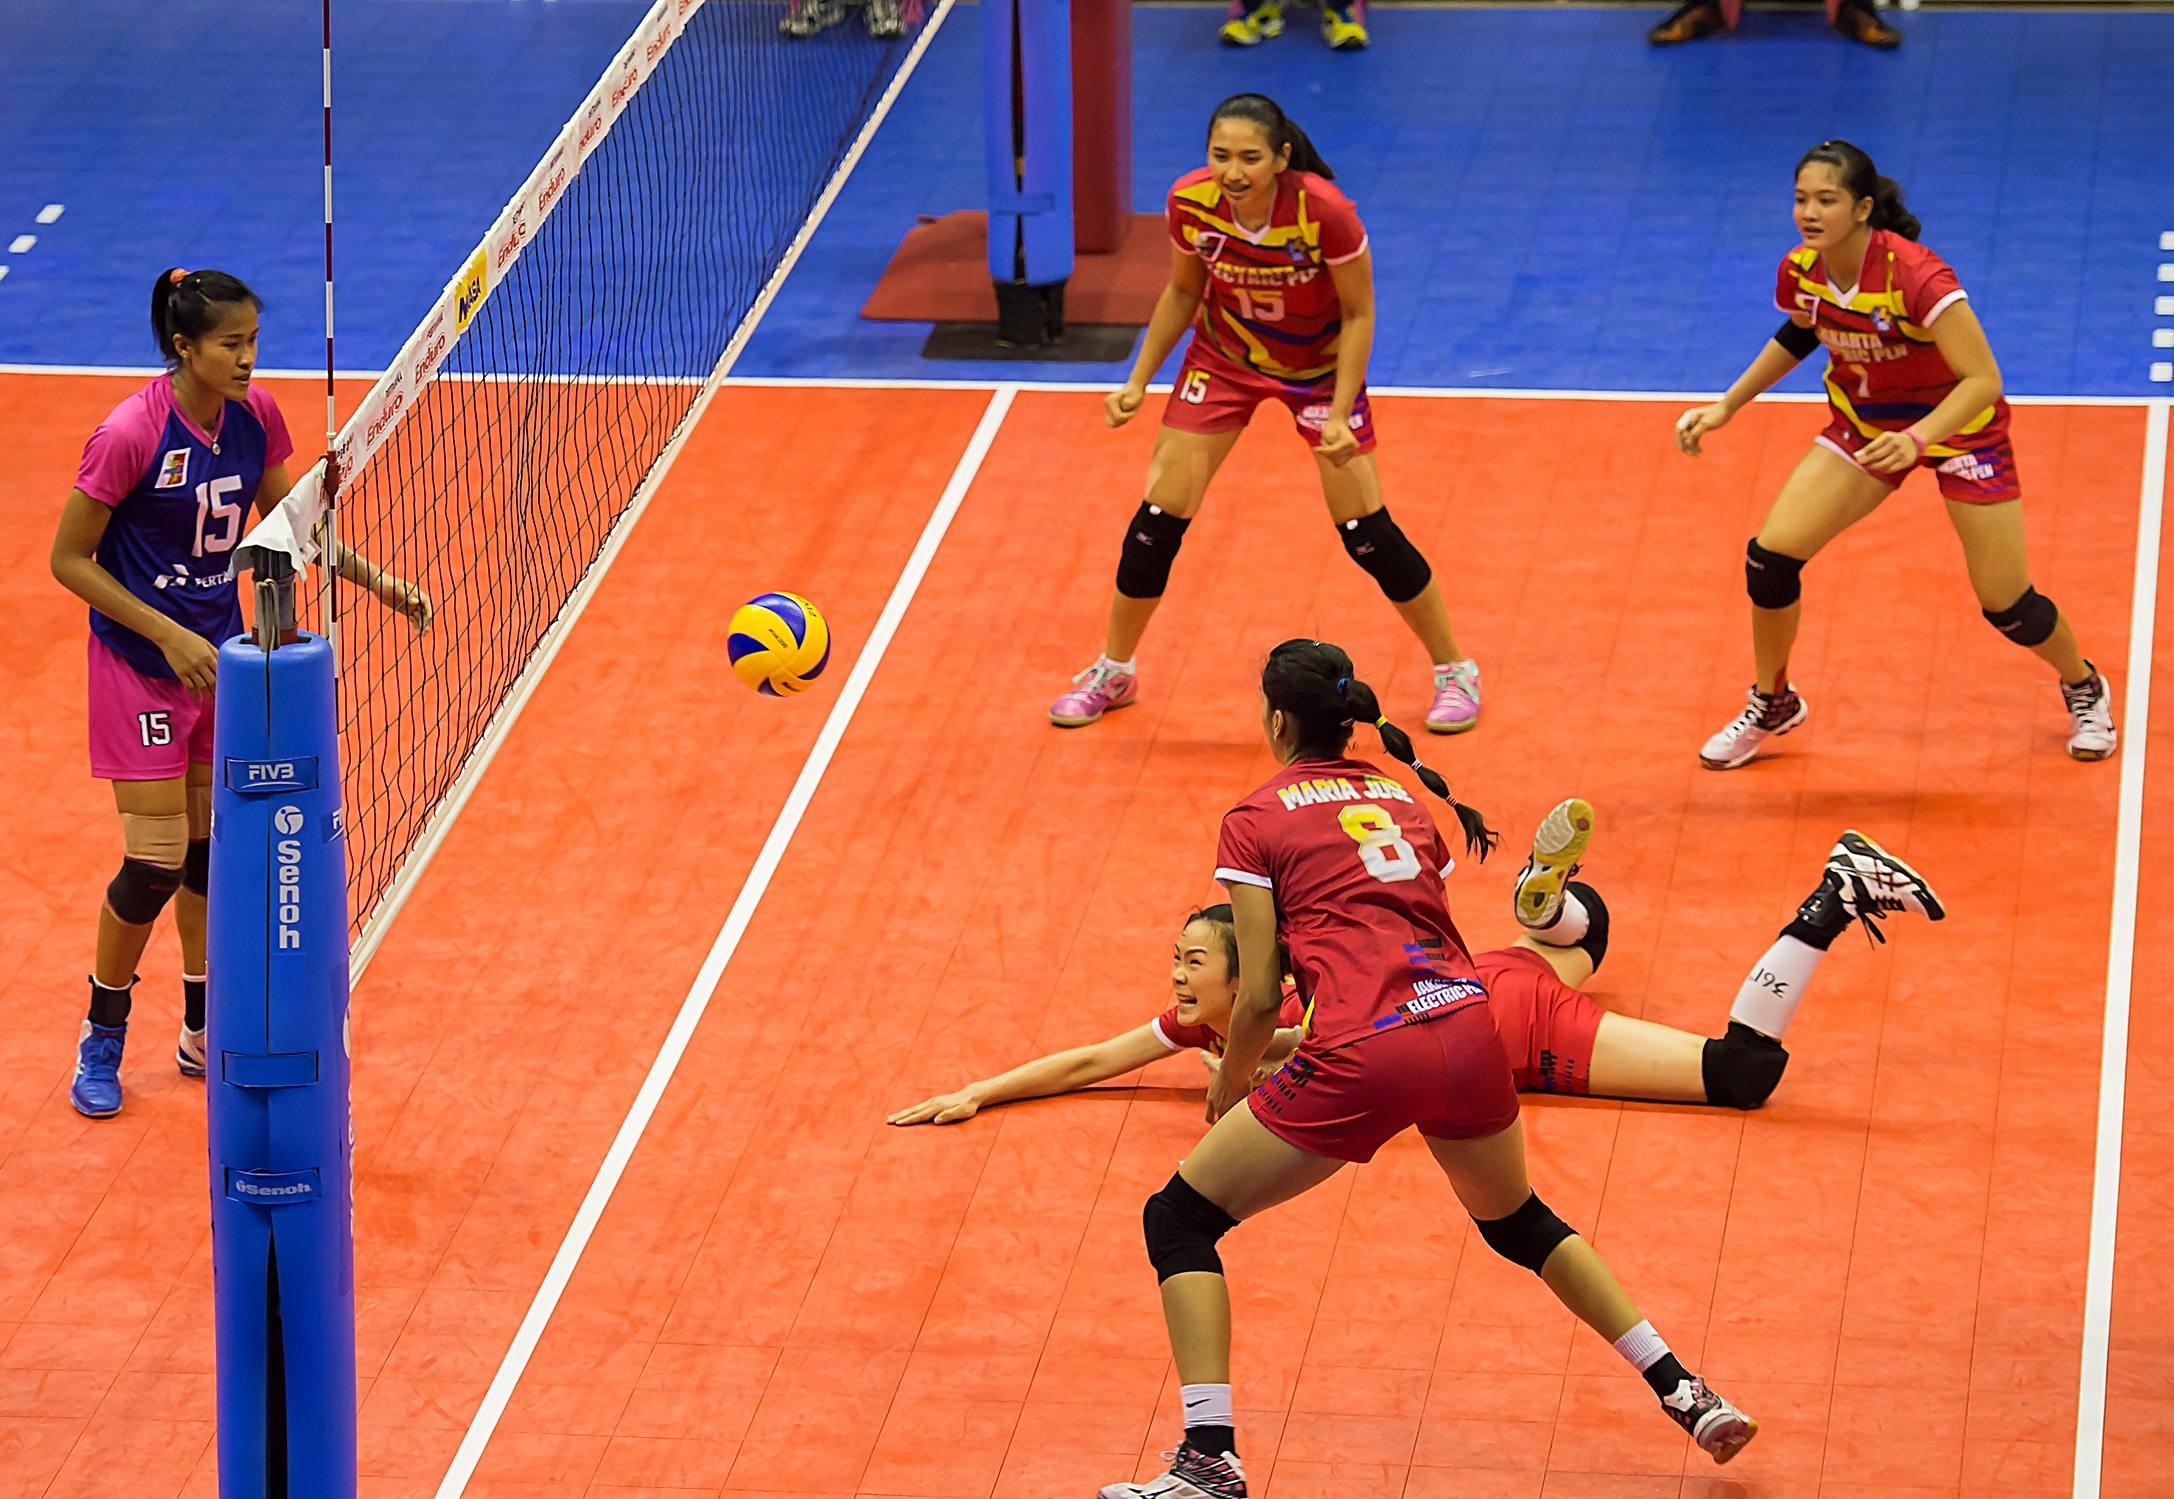 Foto Foto Atlet Voli Cantik Di Final Four Pertama Proliga 2015